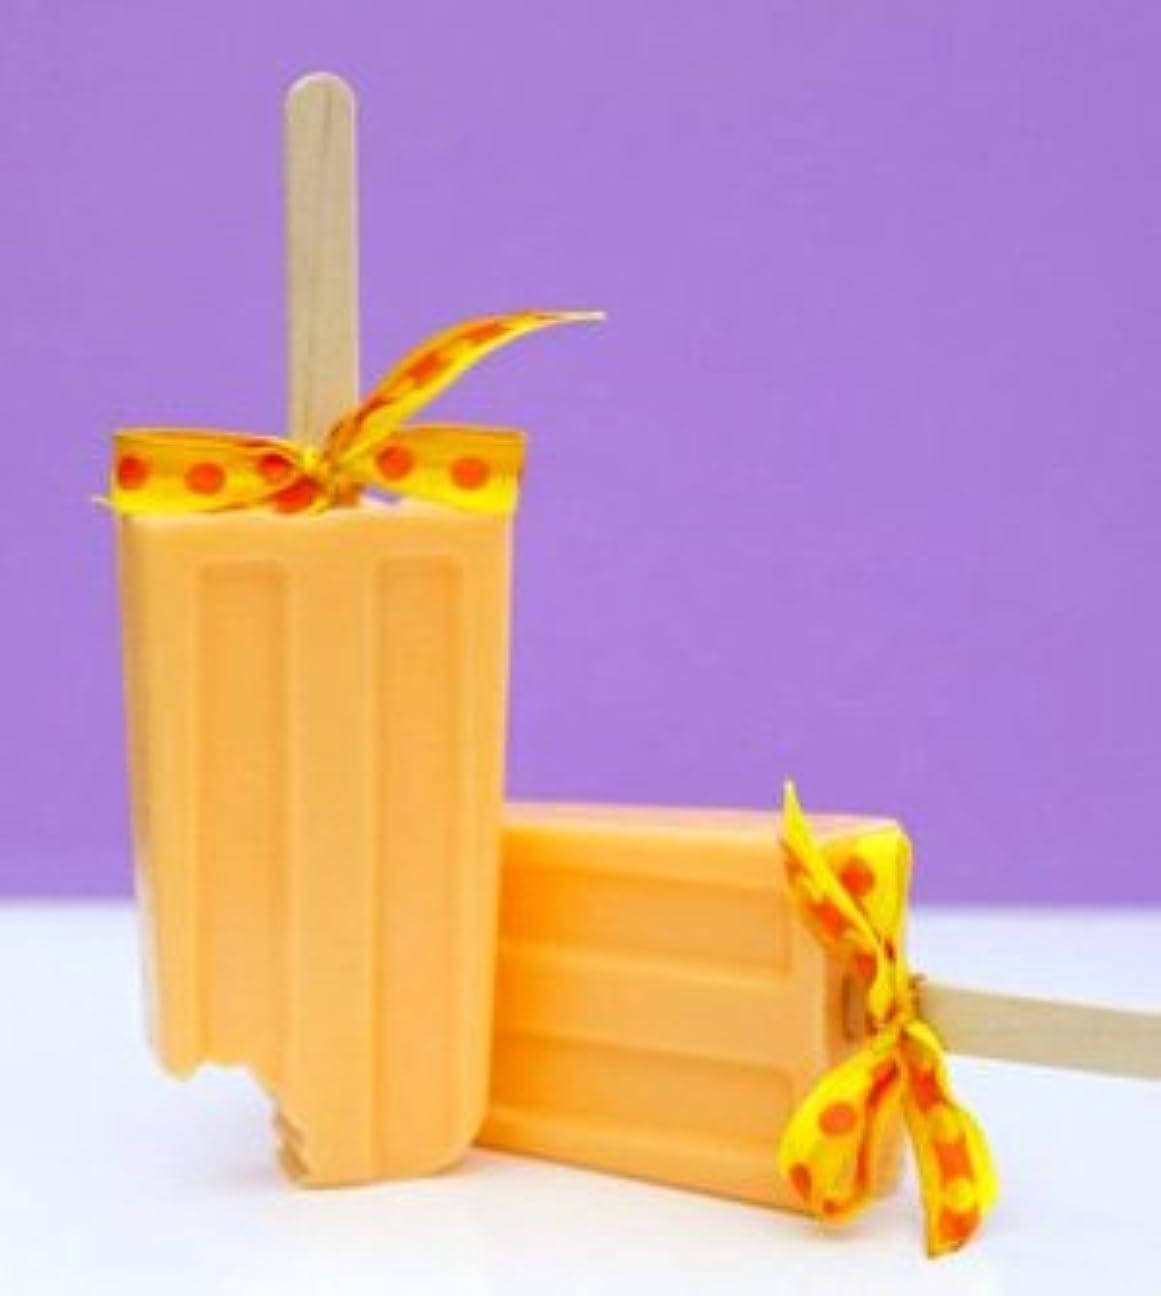 アドバンテージ出くわすマッサージsoapy love(ソーピーラブ) Orange オレンジ セッケン ソープ ギフト プレゼント 石鹸 H14×W5×D2cm  (orange)